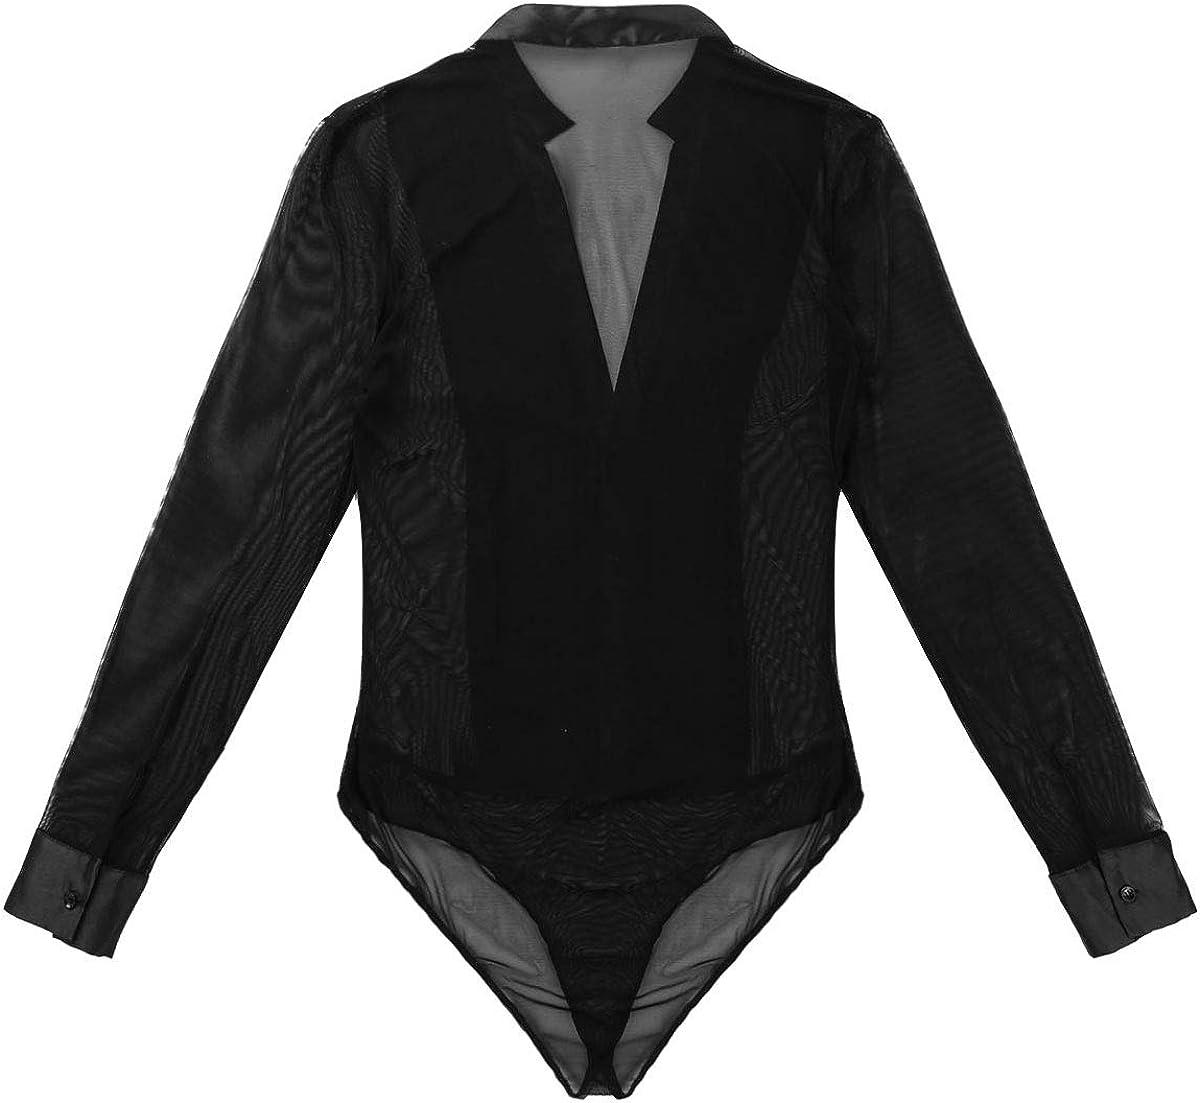 ranrann Camisa de Baile Latino para Hombre Body Manga Larga Cuello en V Profundo Bodysuit de Malla Baile de Sal/ón Leotardo Danza Samba Rumba